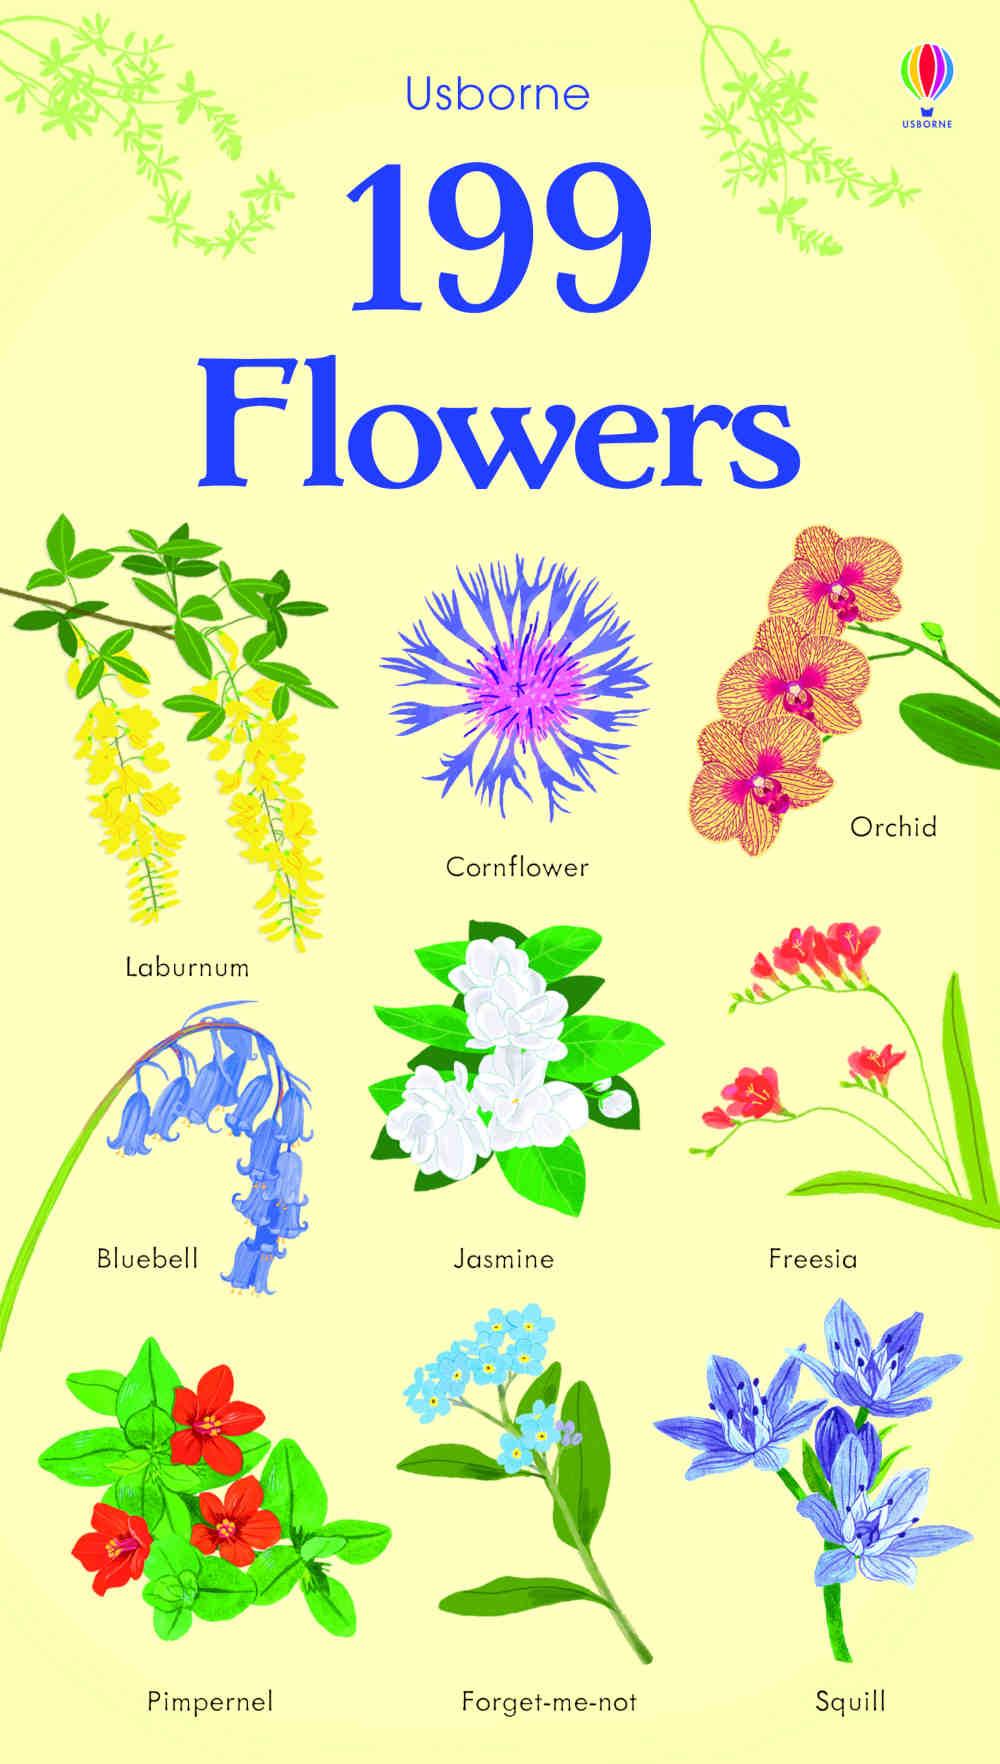 słownik obrazkowy dla dzieci po angielsku kwiaty i rośliny